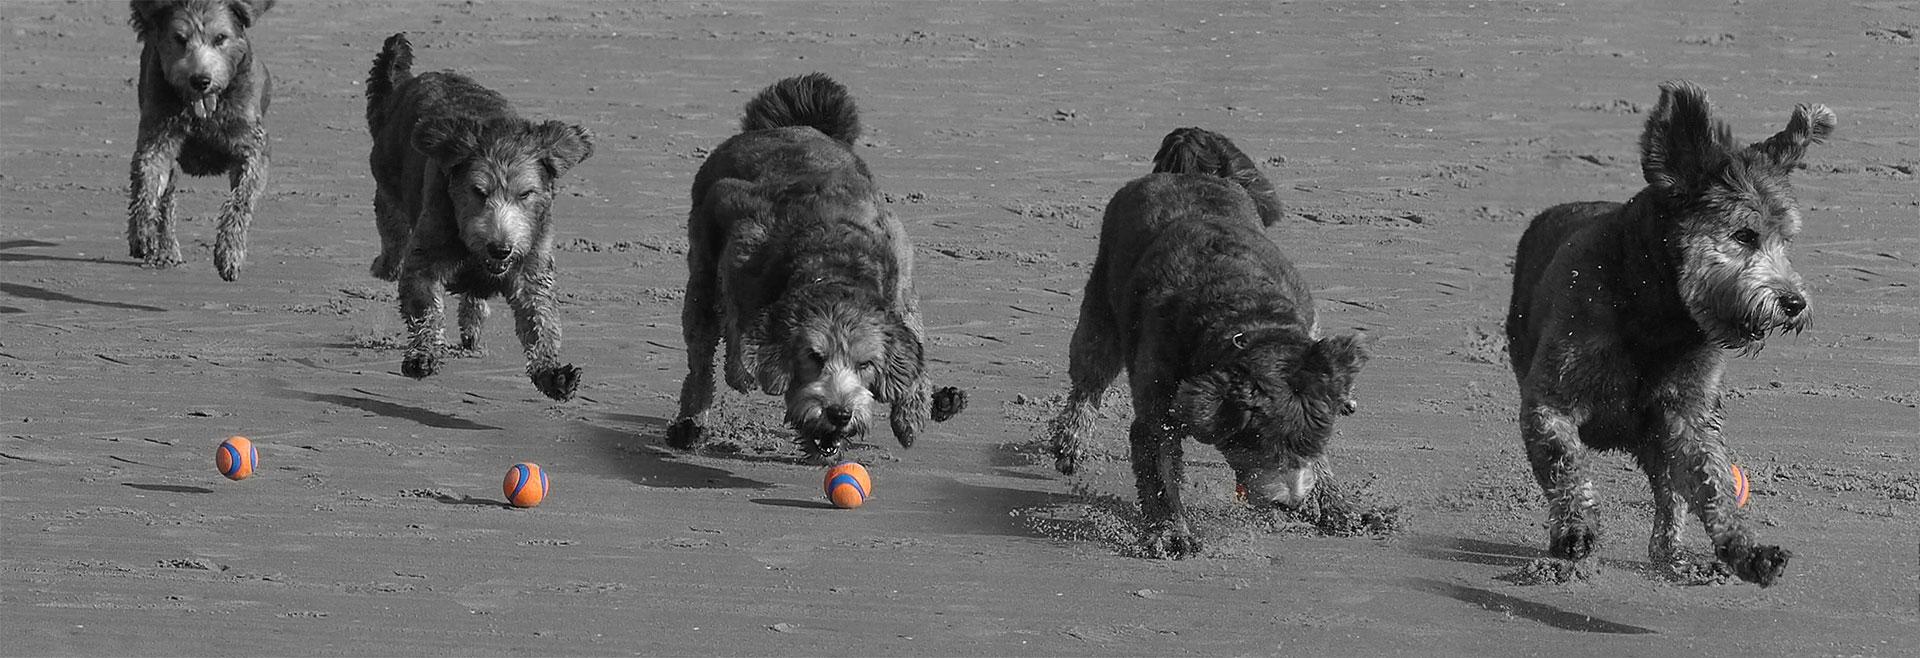 Hond op het strand frame by frame